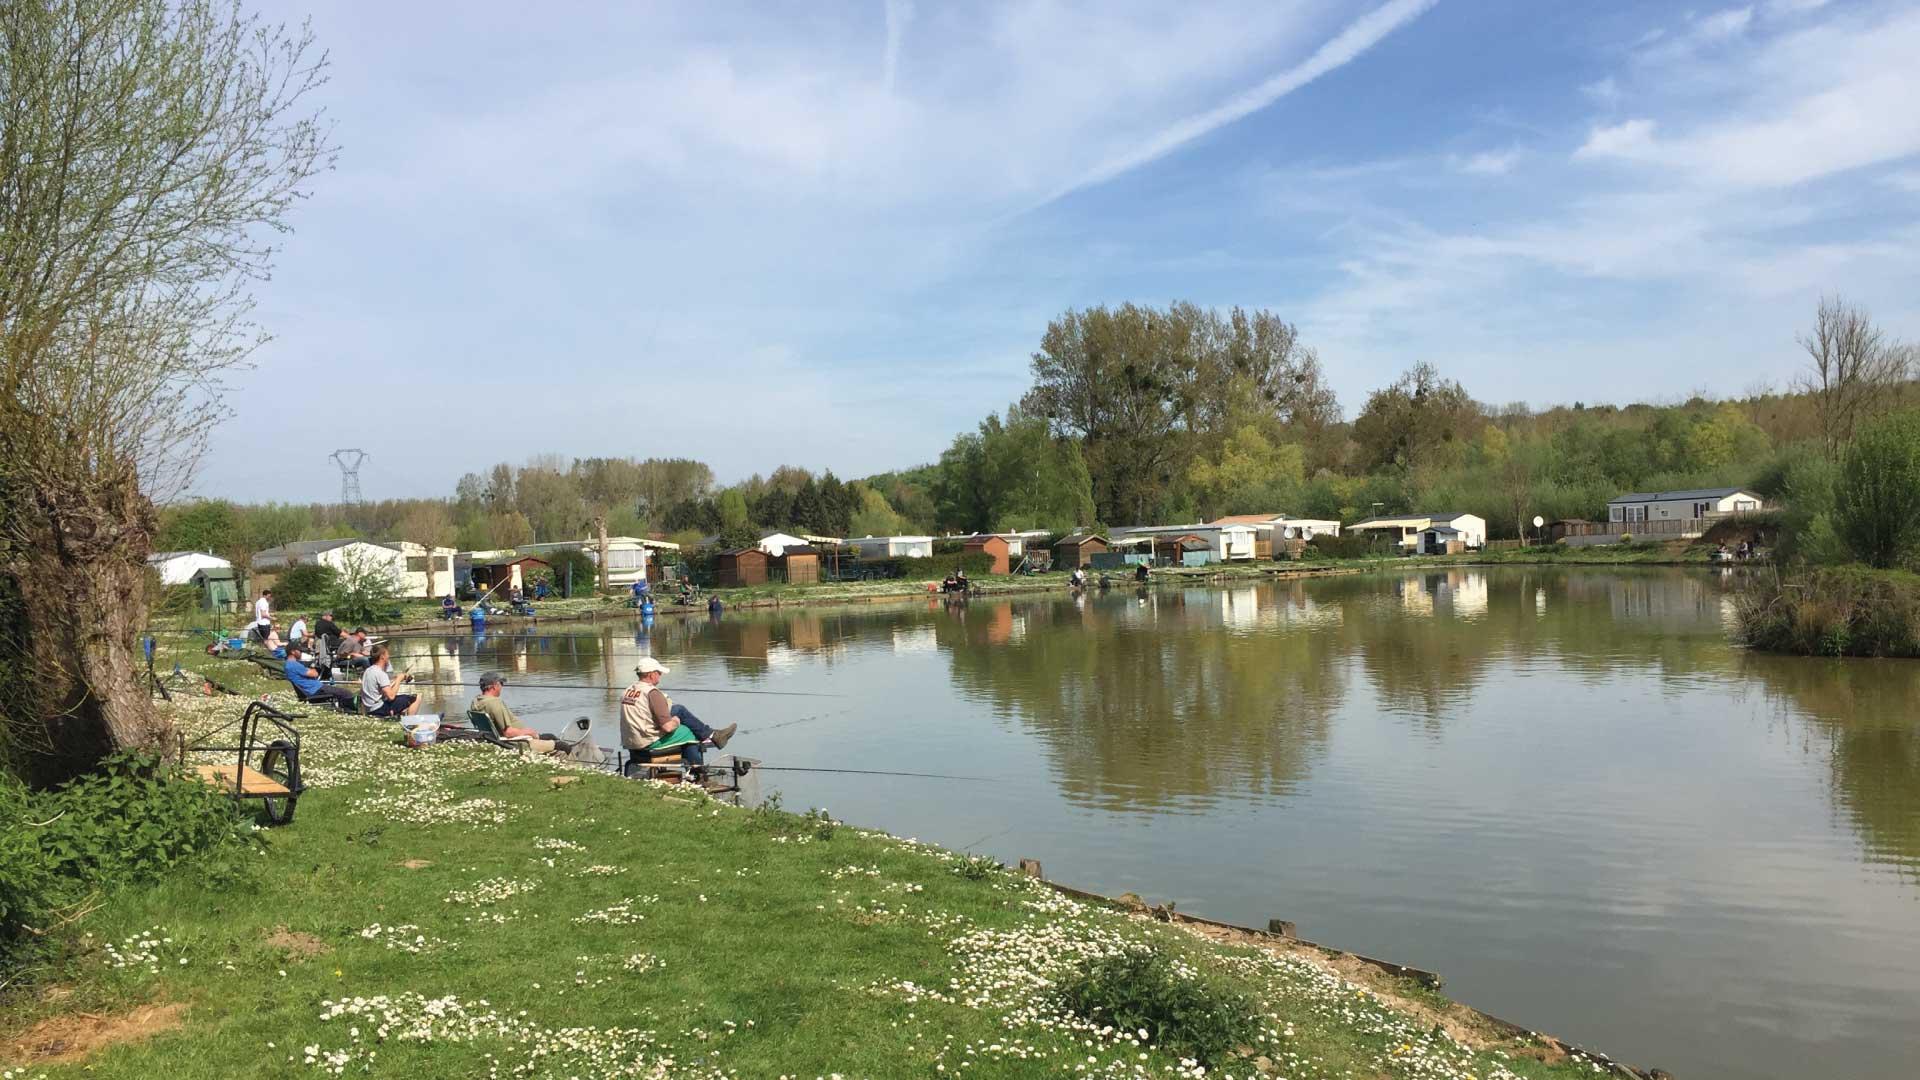 Pêche dans l'étang - Camping du Molinel - Tortefontaine